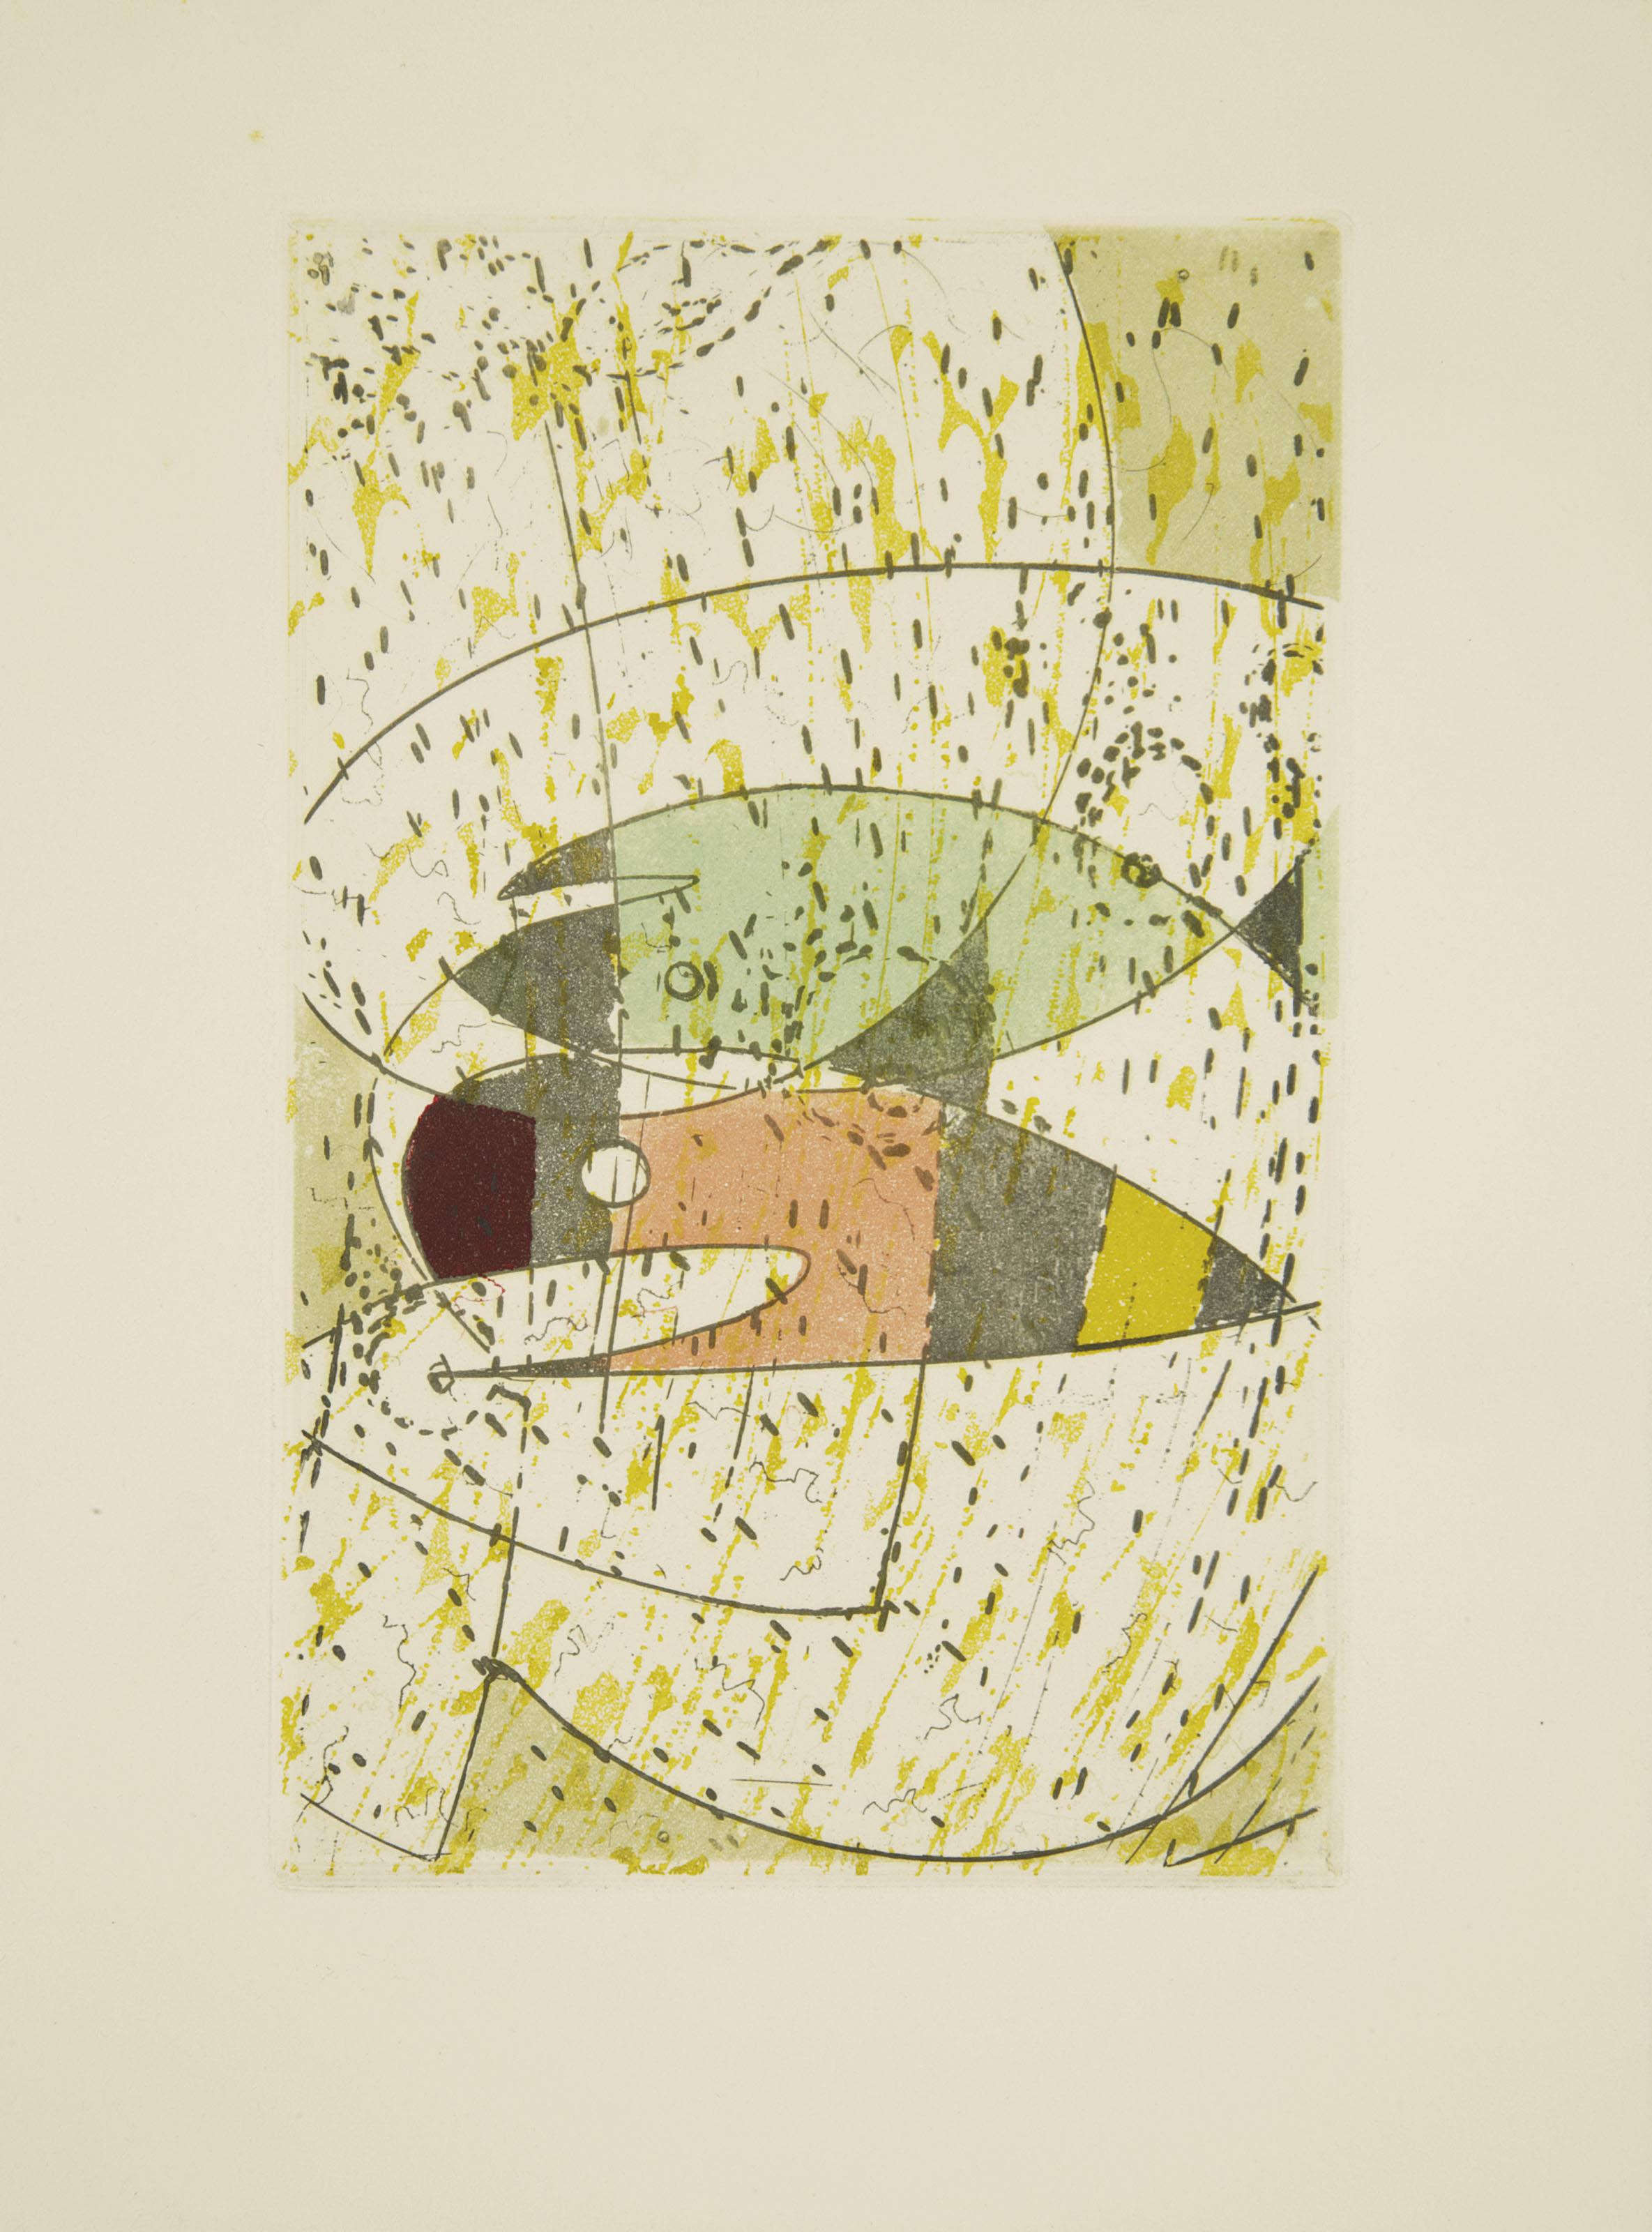 [ERNST] -- ARTAUD, Antonin (1896-1948). Galapagos. Les îles du bout du monde. Paris: Broder, septembre 1955.